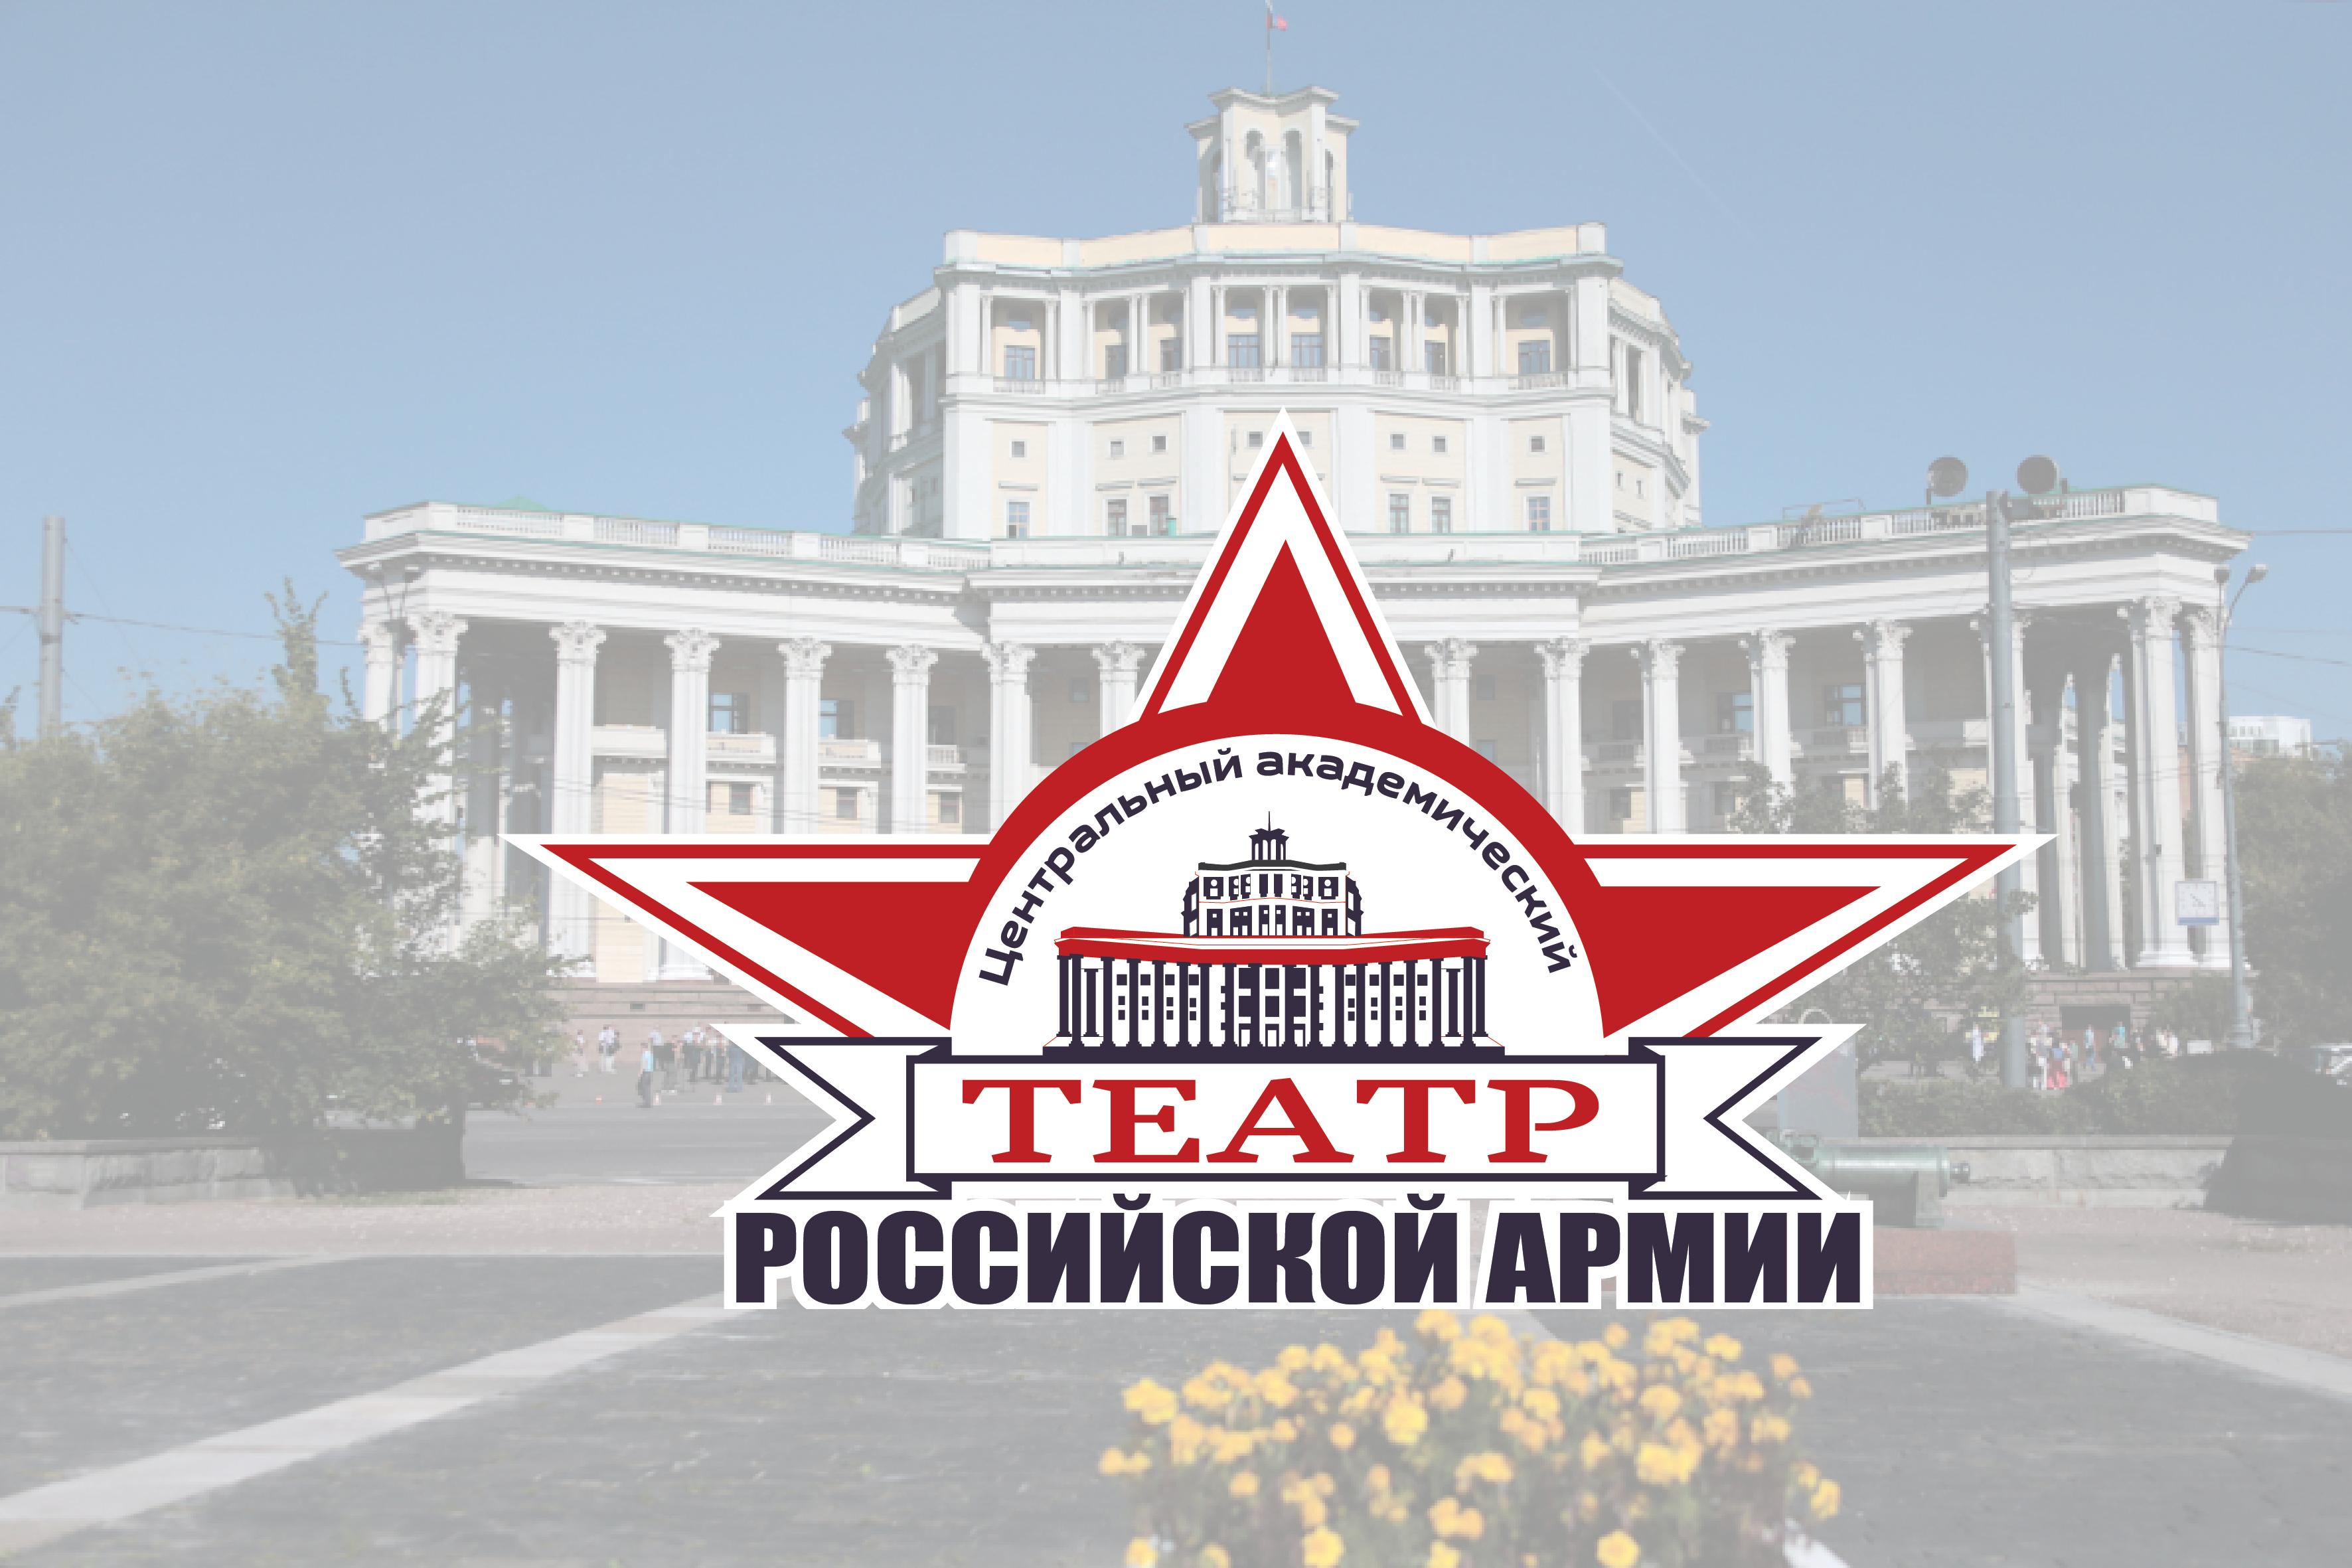 Разработка логотипа для Театра Российской Армии фото f_79858899e7c1d91e.png